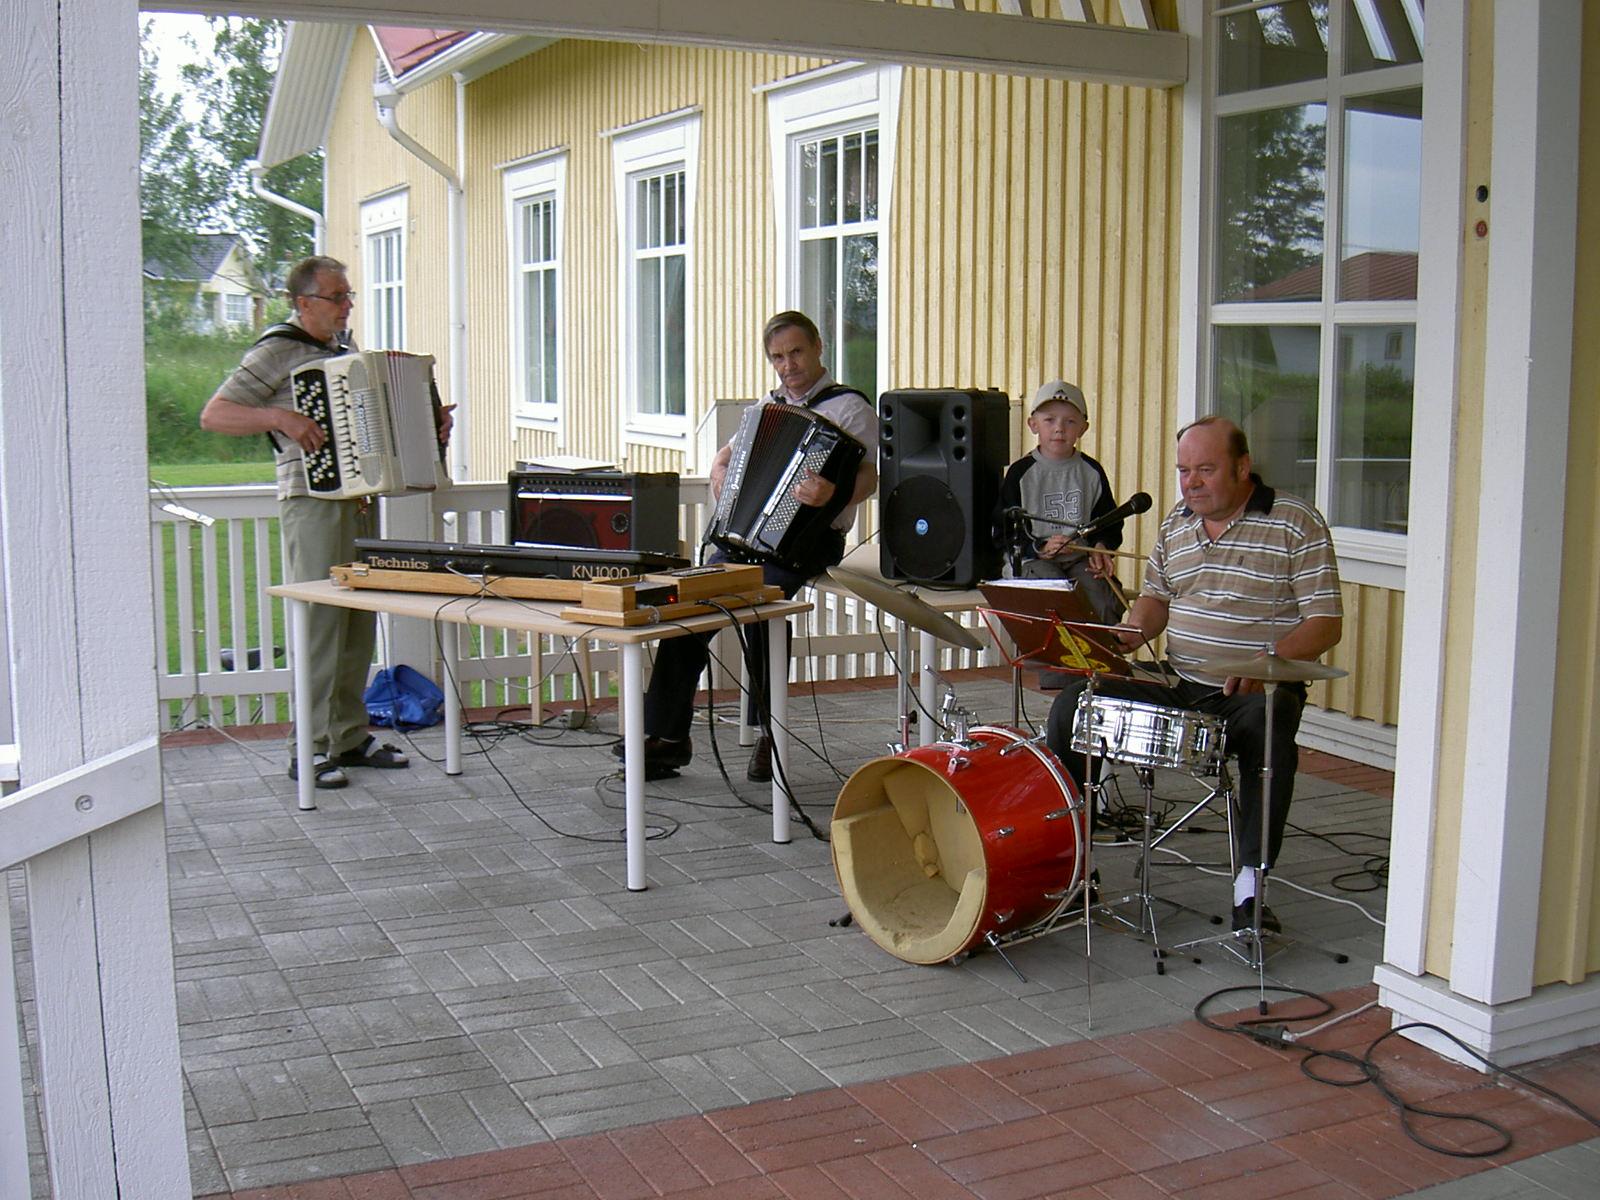 Majbolänken 2004 ackompanjerades av spelmännen Per-Erik Backlund, Yngve Hammarberg och Folke Sten. Den lilla pojken är Per-Eriks barnbarn från Veikars i Korsholm.